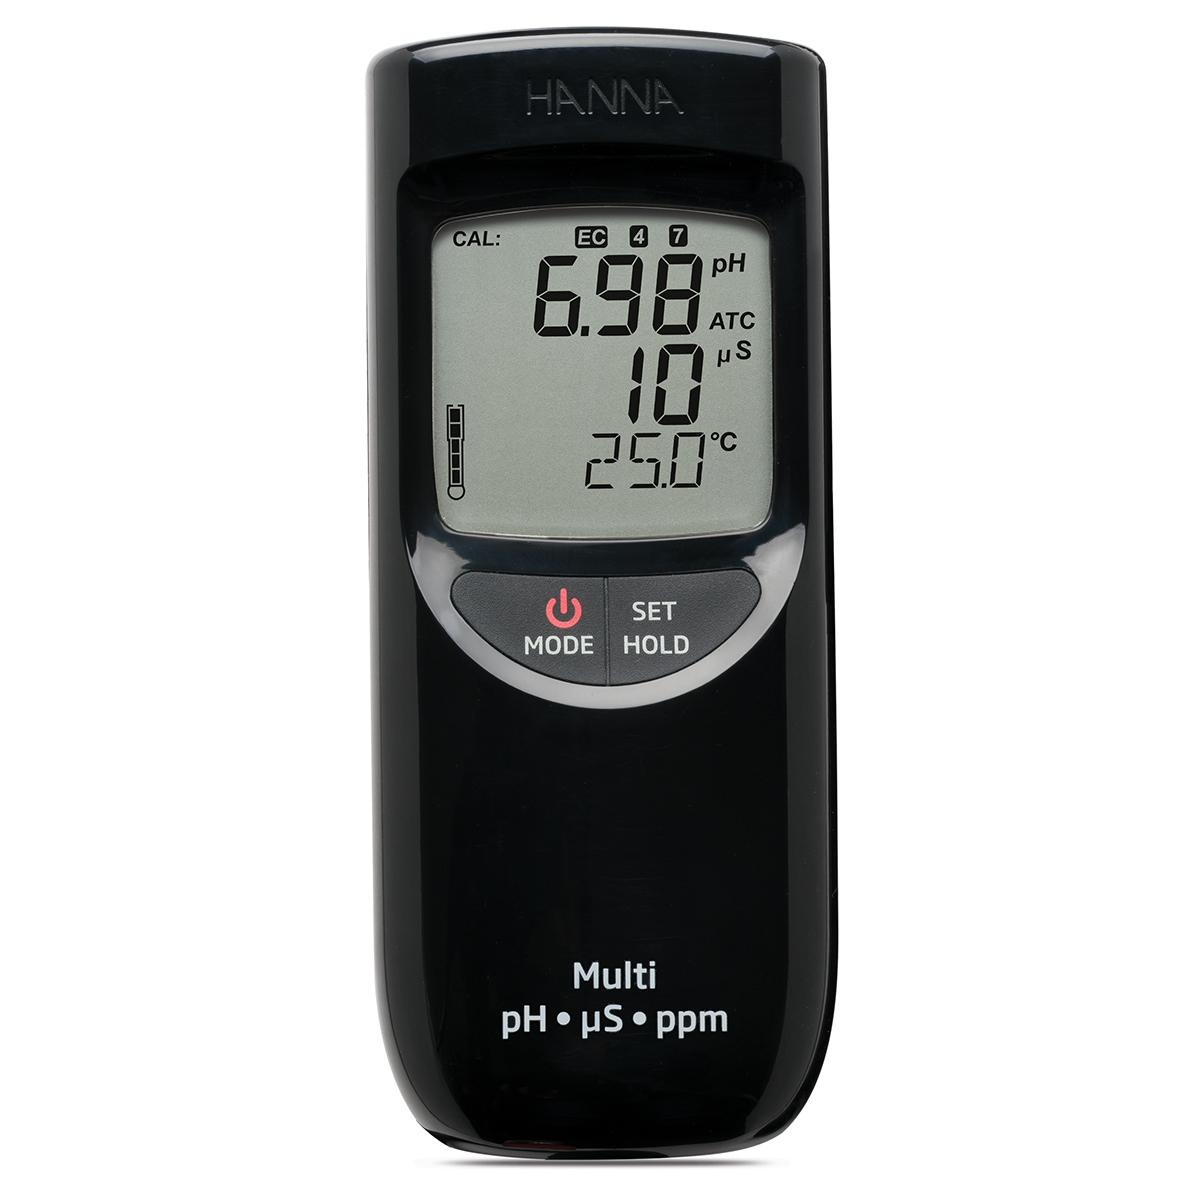 Misuratore portatile di pH/EC/TDS a tenuta stagna (Scala bassa) - HI991300